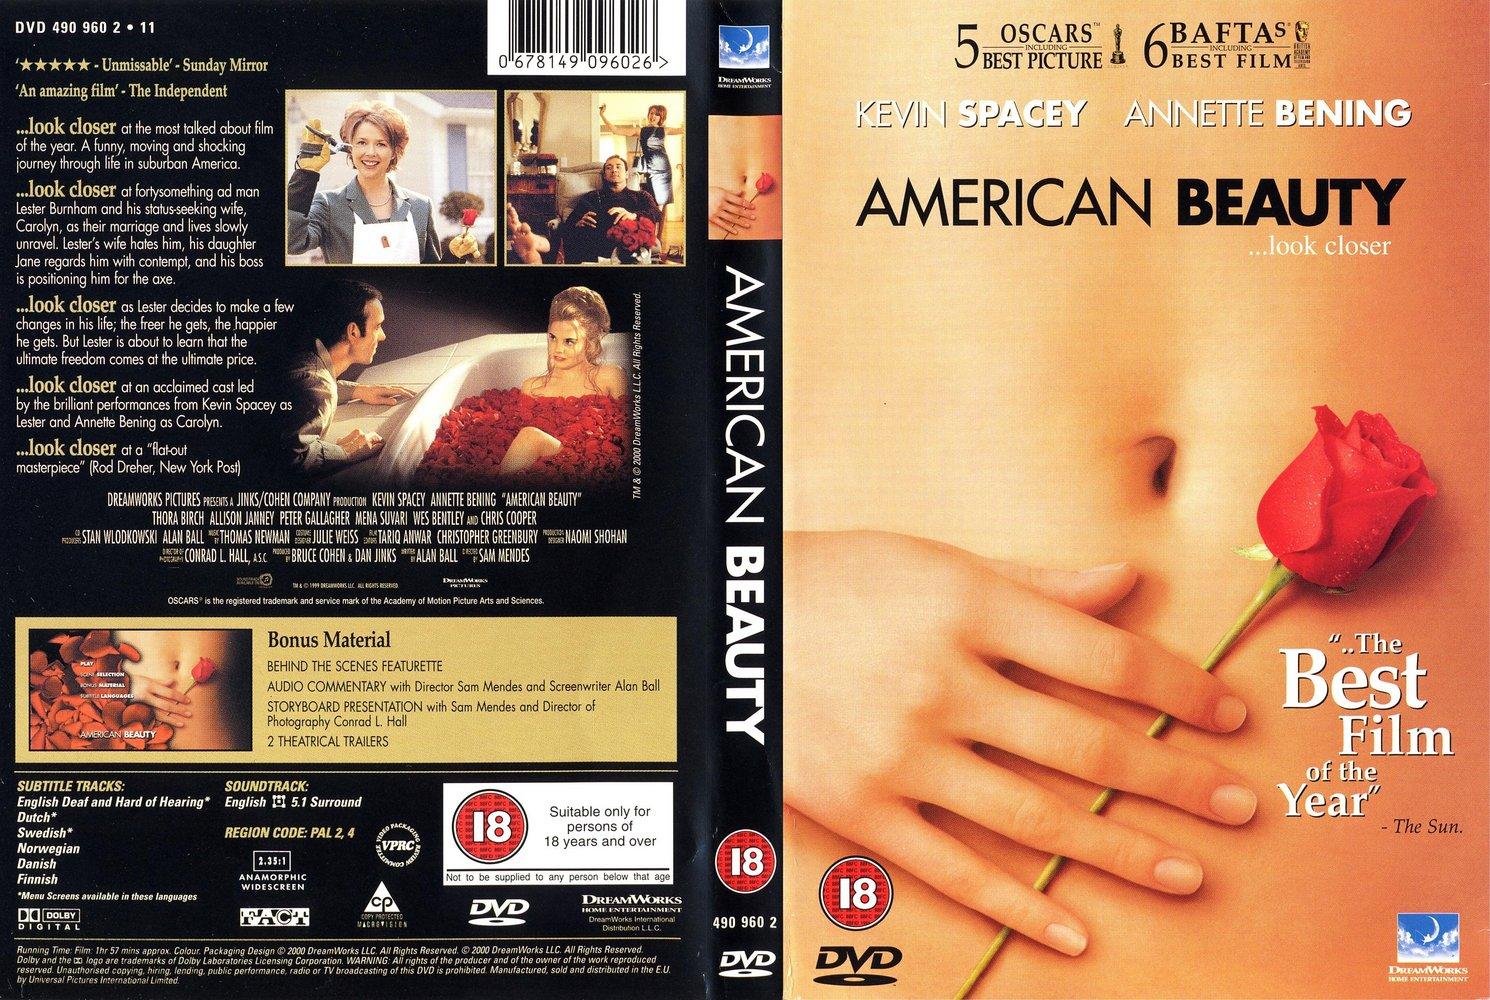 annette bening american beauty